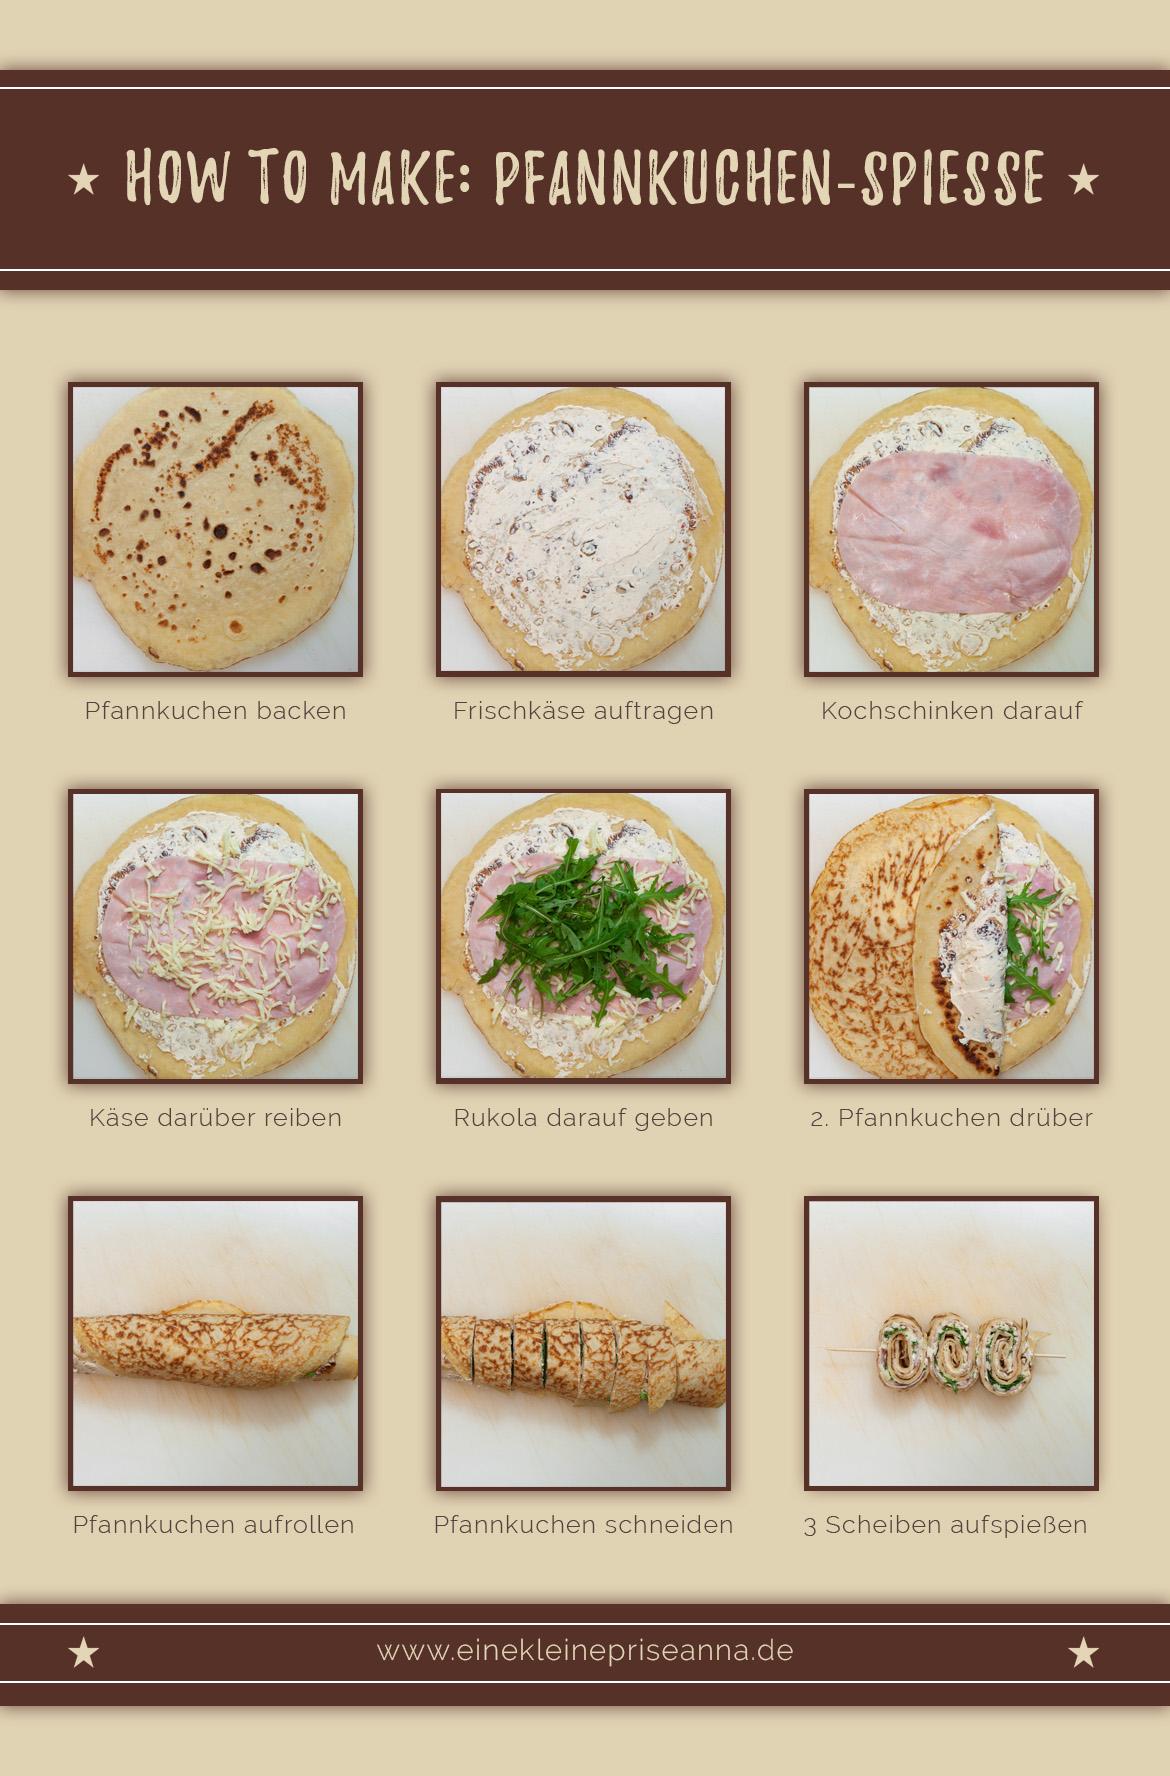 Wie mache ich Pfannkuchen-Spieße